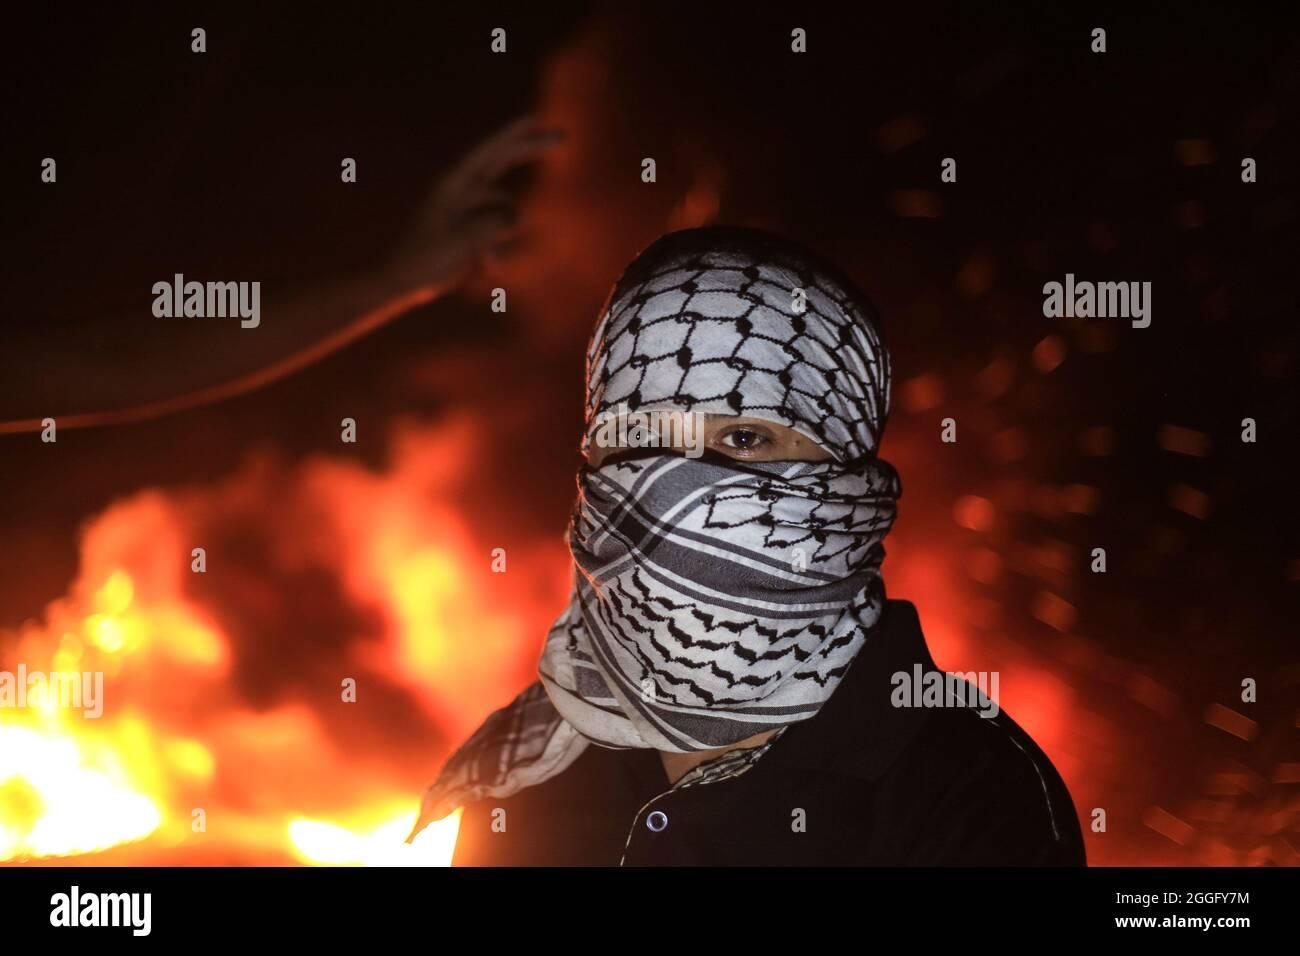 31. August 2021, Flüchtlingslager Bureij, Gazastreifen, Palästina: Palästinensische Demonstranten während Zusammenstößen mit israelischen Soldaten entlang der Grenze zwischen dem Gazastreifen und Israel, östlich des Flüchtlingslagers Bureij, Gazastreifen. 30. August 2021. Palästinensische Demonstranten haben in den vergangenen Wochen massive Demonstrationen in der Nähe des Grenzzauns organisiert, um gegen die israelische Blockade zu protestieren. Dutzende Palästinenser wurden während der Proteste verletzt und zwei wurden durch das israelische Feuer getötet. (Bild: © Mahmoud Khattab/Quds Net News via ZUMA Press Wire) Stockfoto